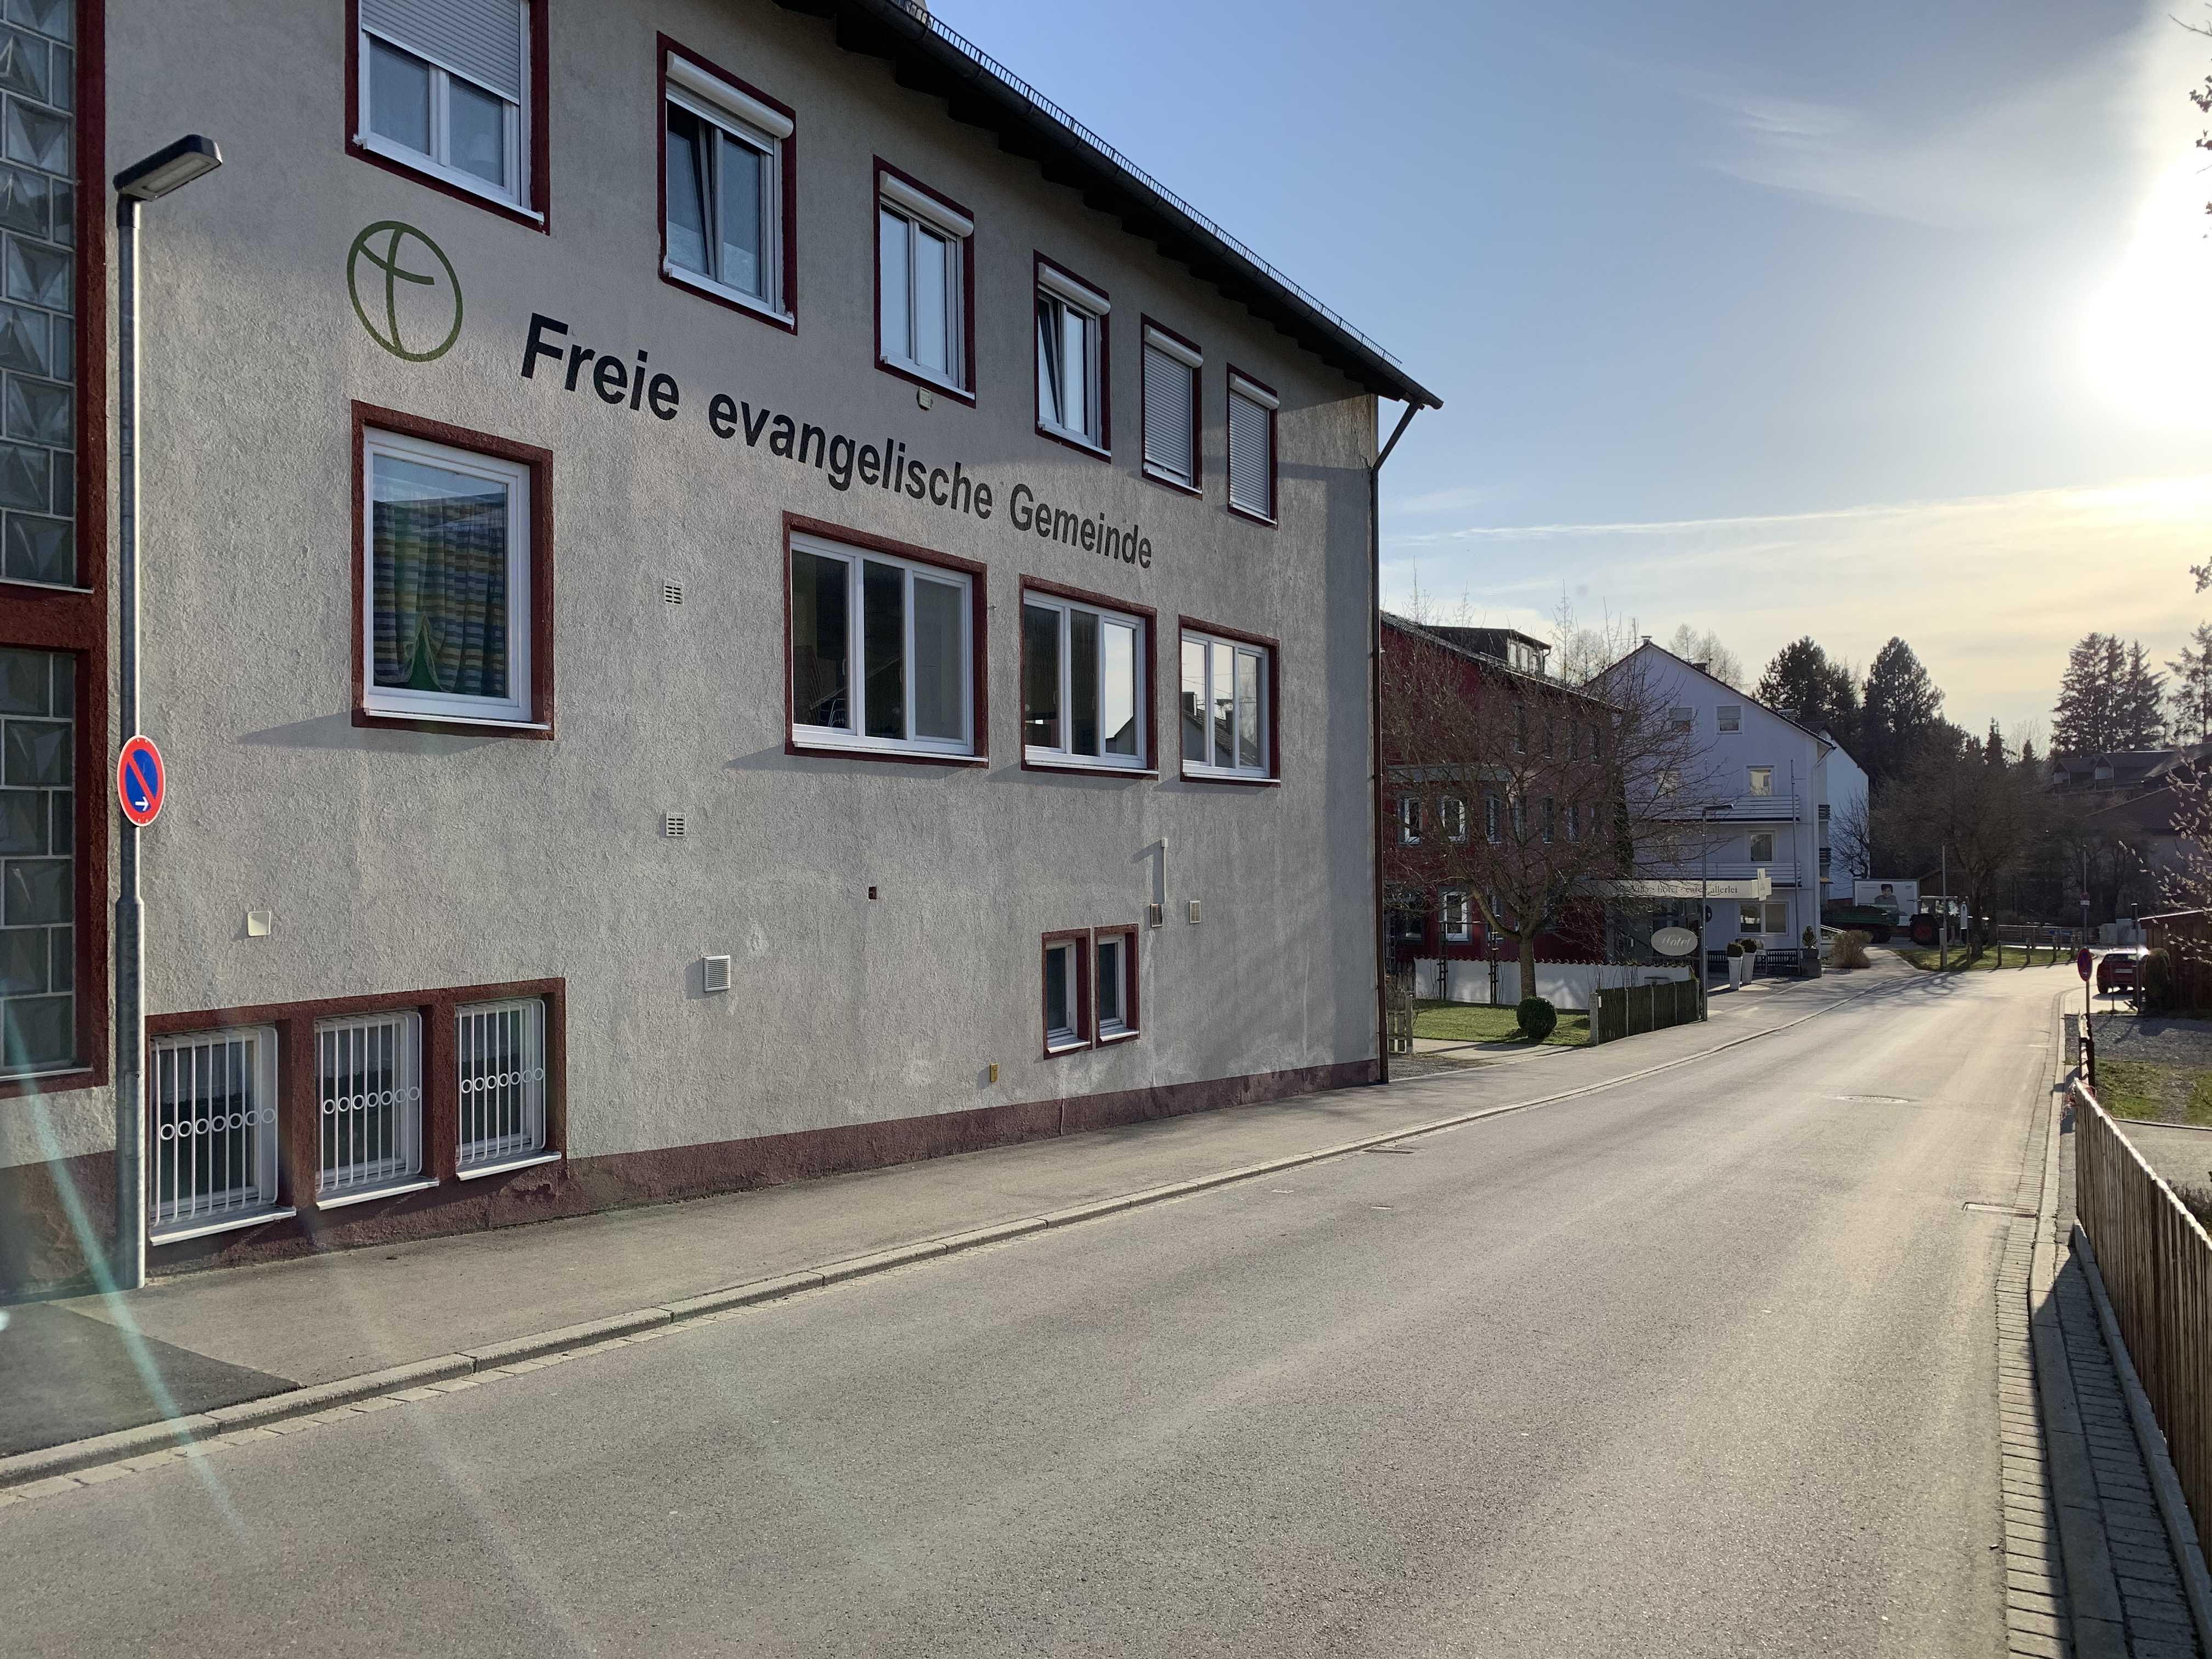 Freie evangelische Gemeinde Bad Wörishofen 1.jpg